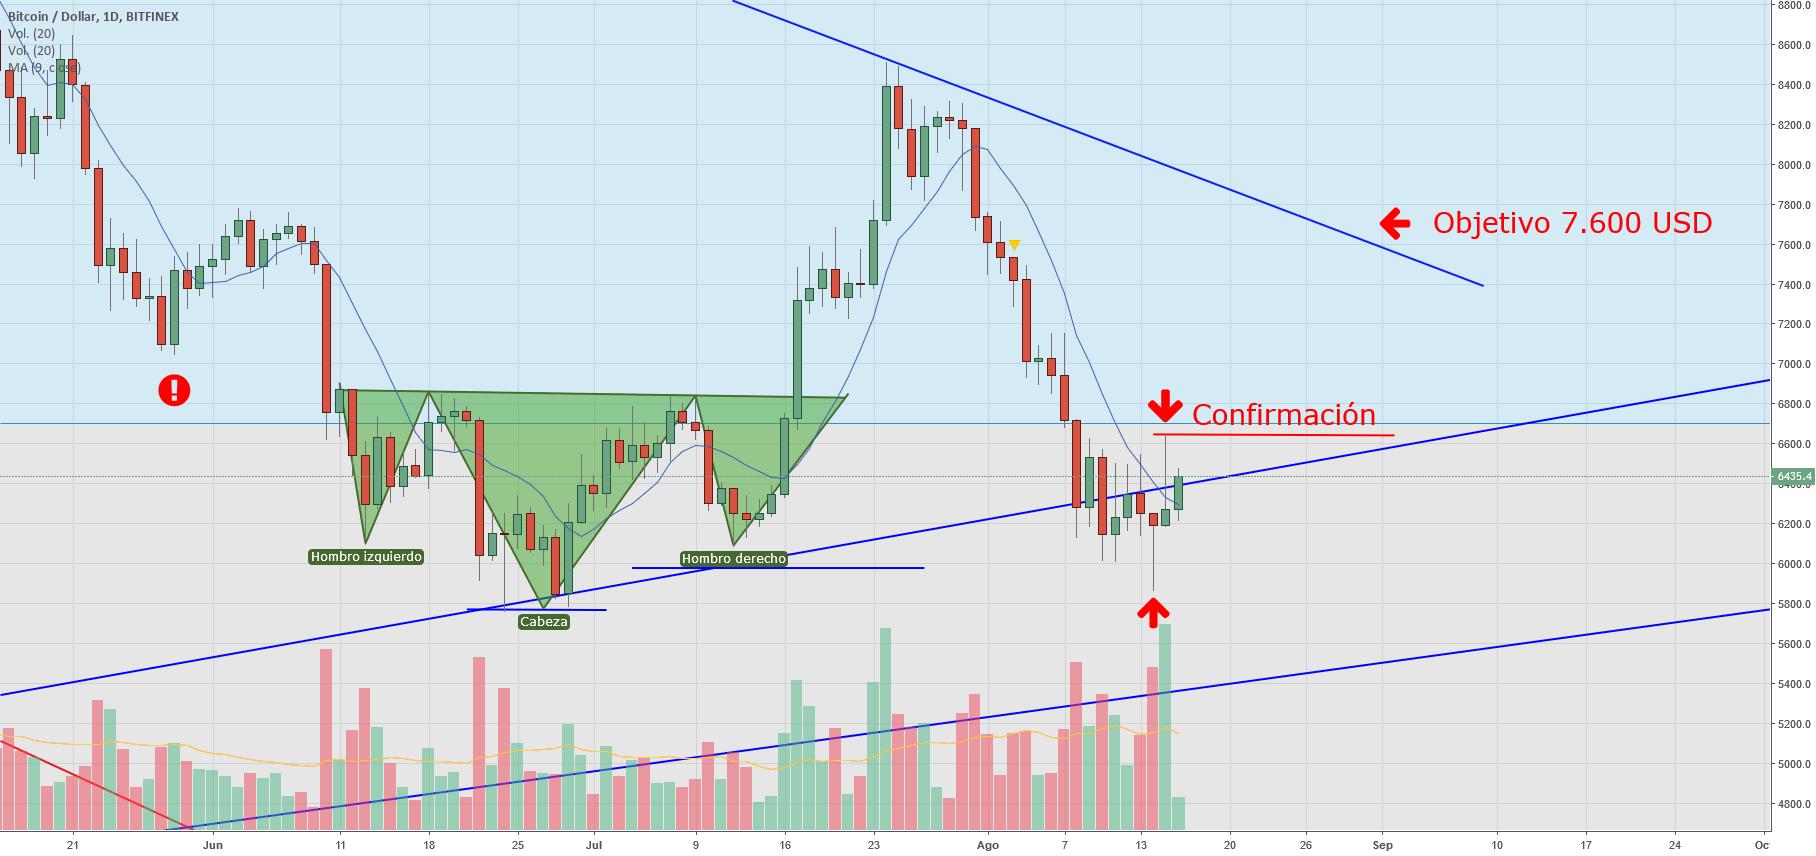 trgovanje bitcoinima na tradingview brokeru zašto je bitcoin gotovina dobra investicija